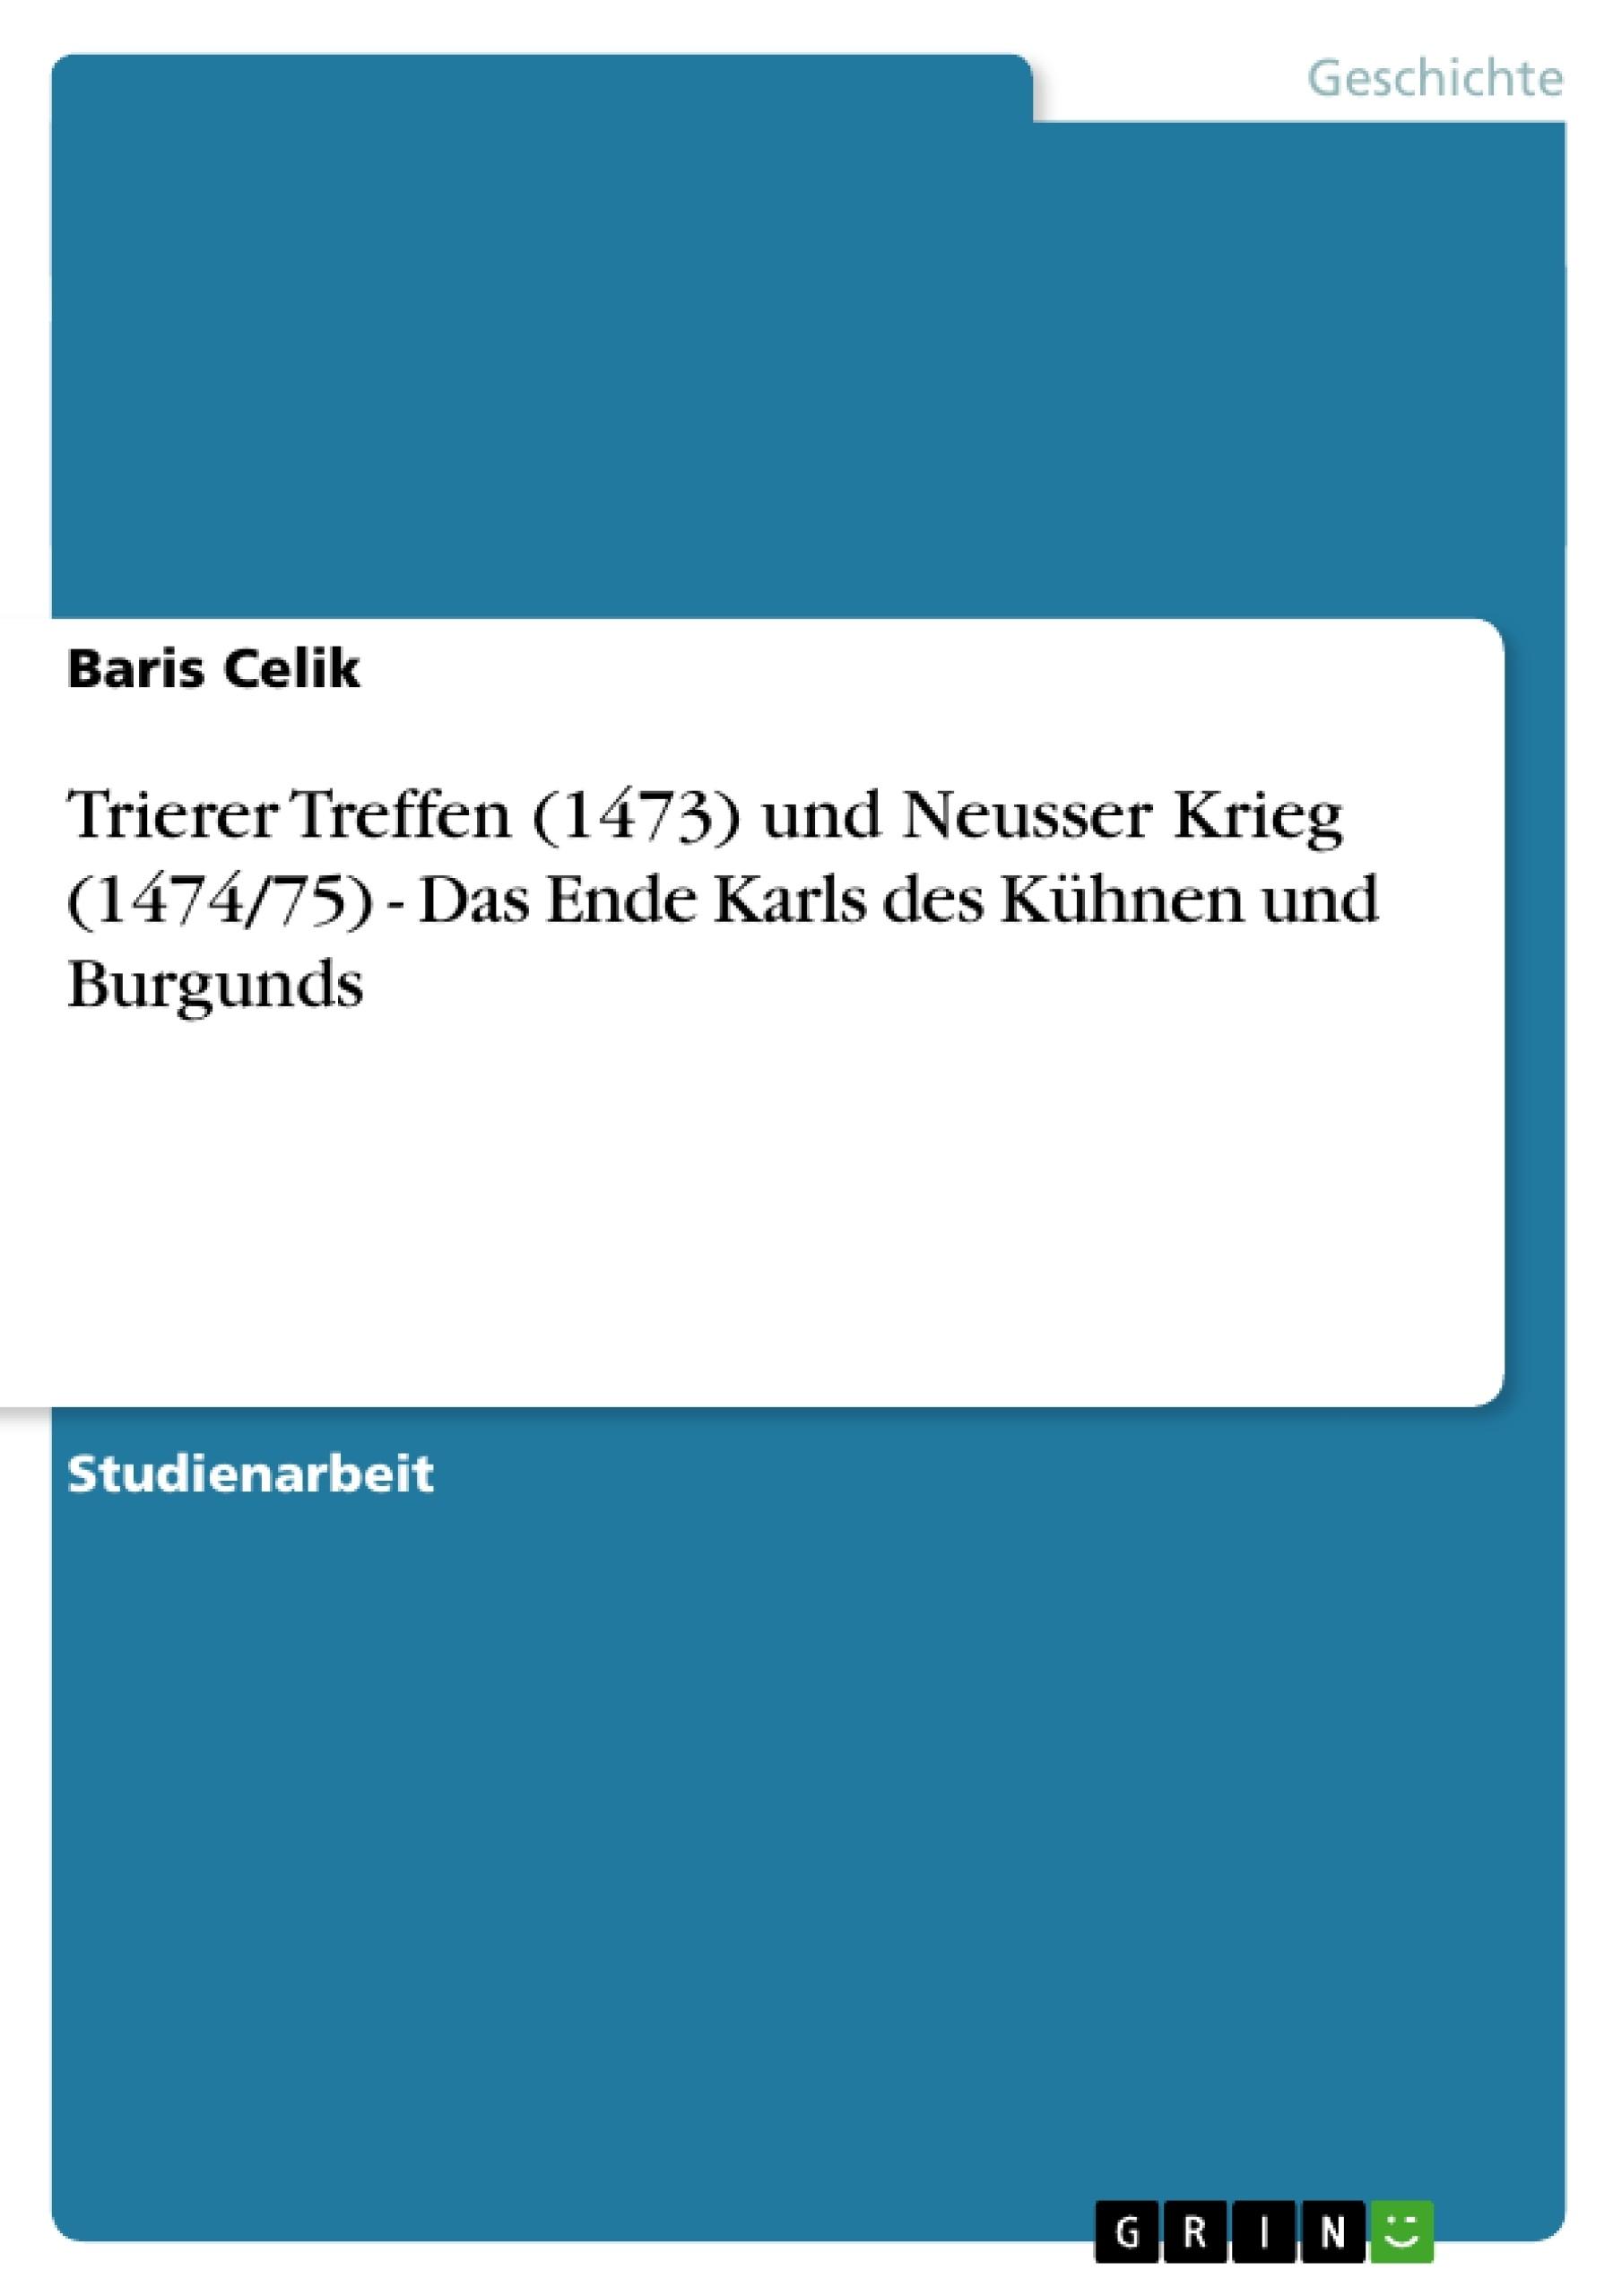 Titel: Trierer Treffen (1473) und Neusser Krieg (1474/75) - Das Ende Karls des Kühnen und Burgunds